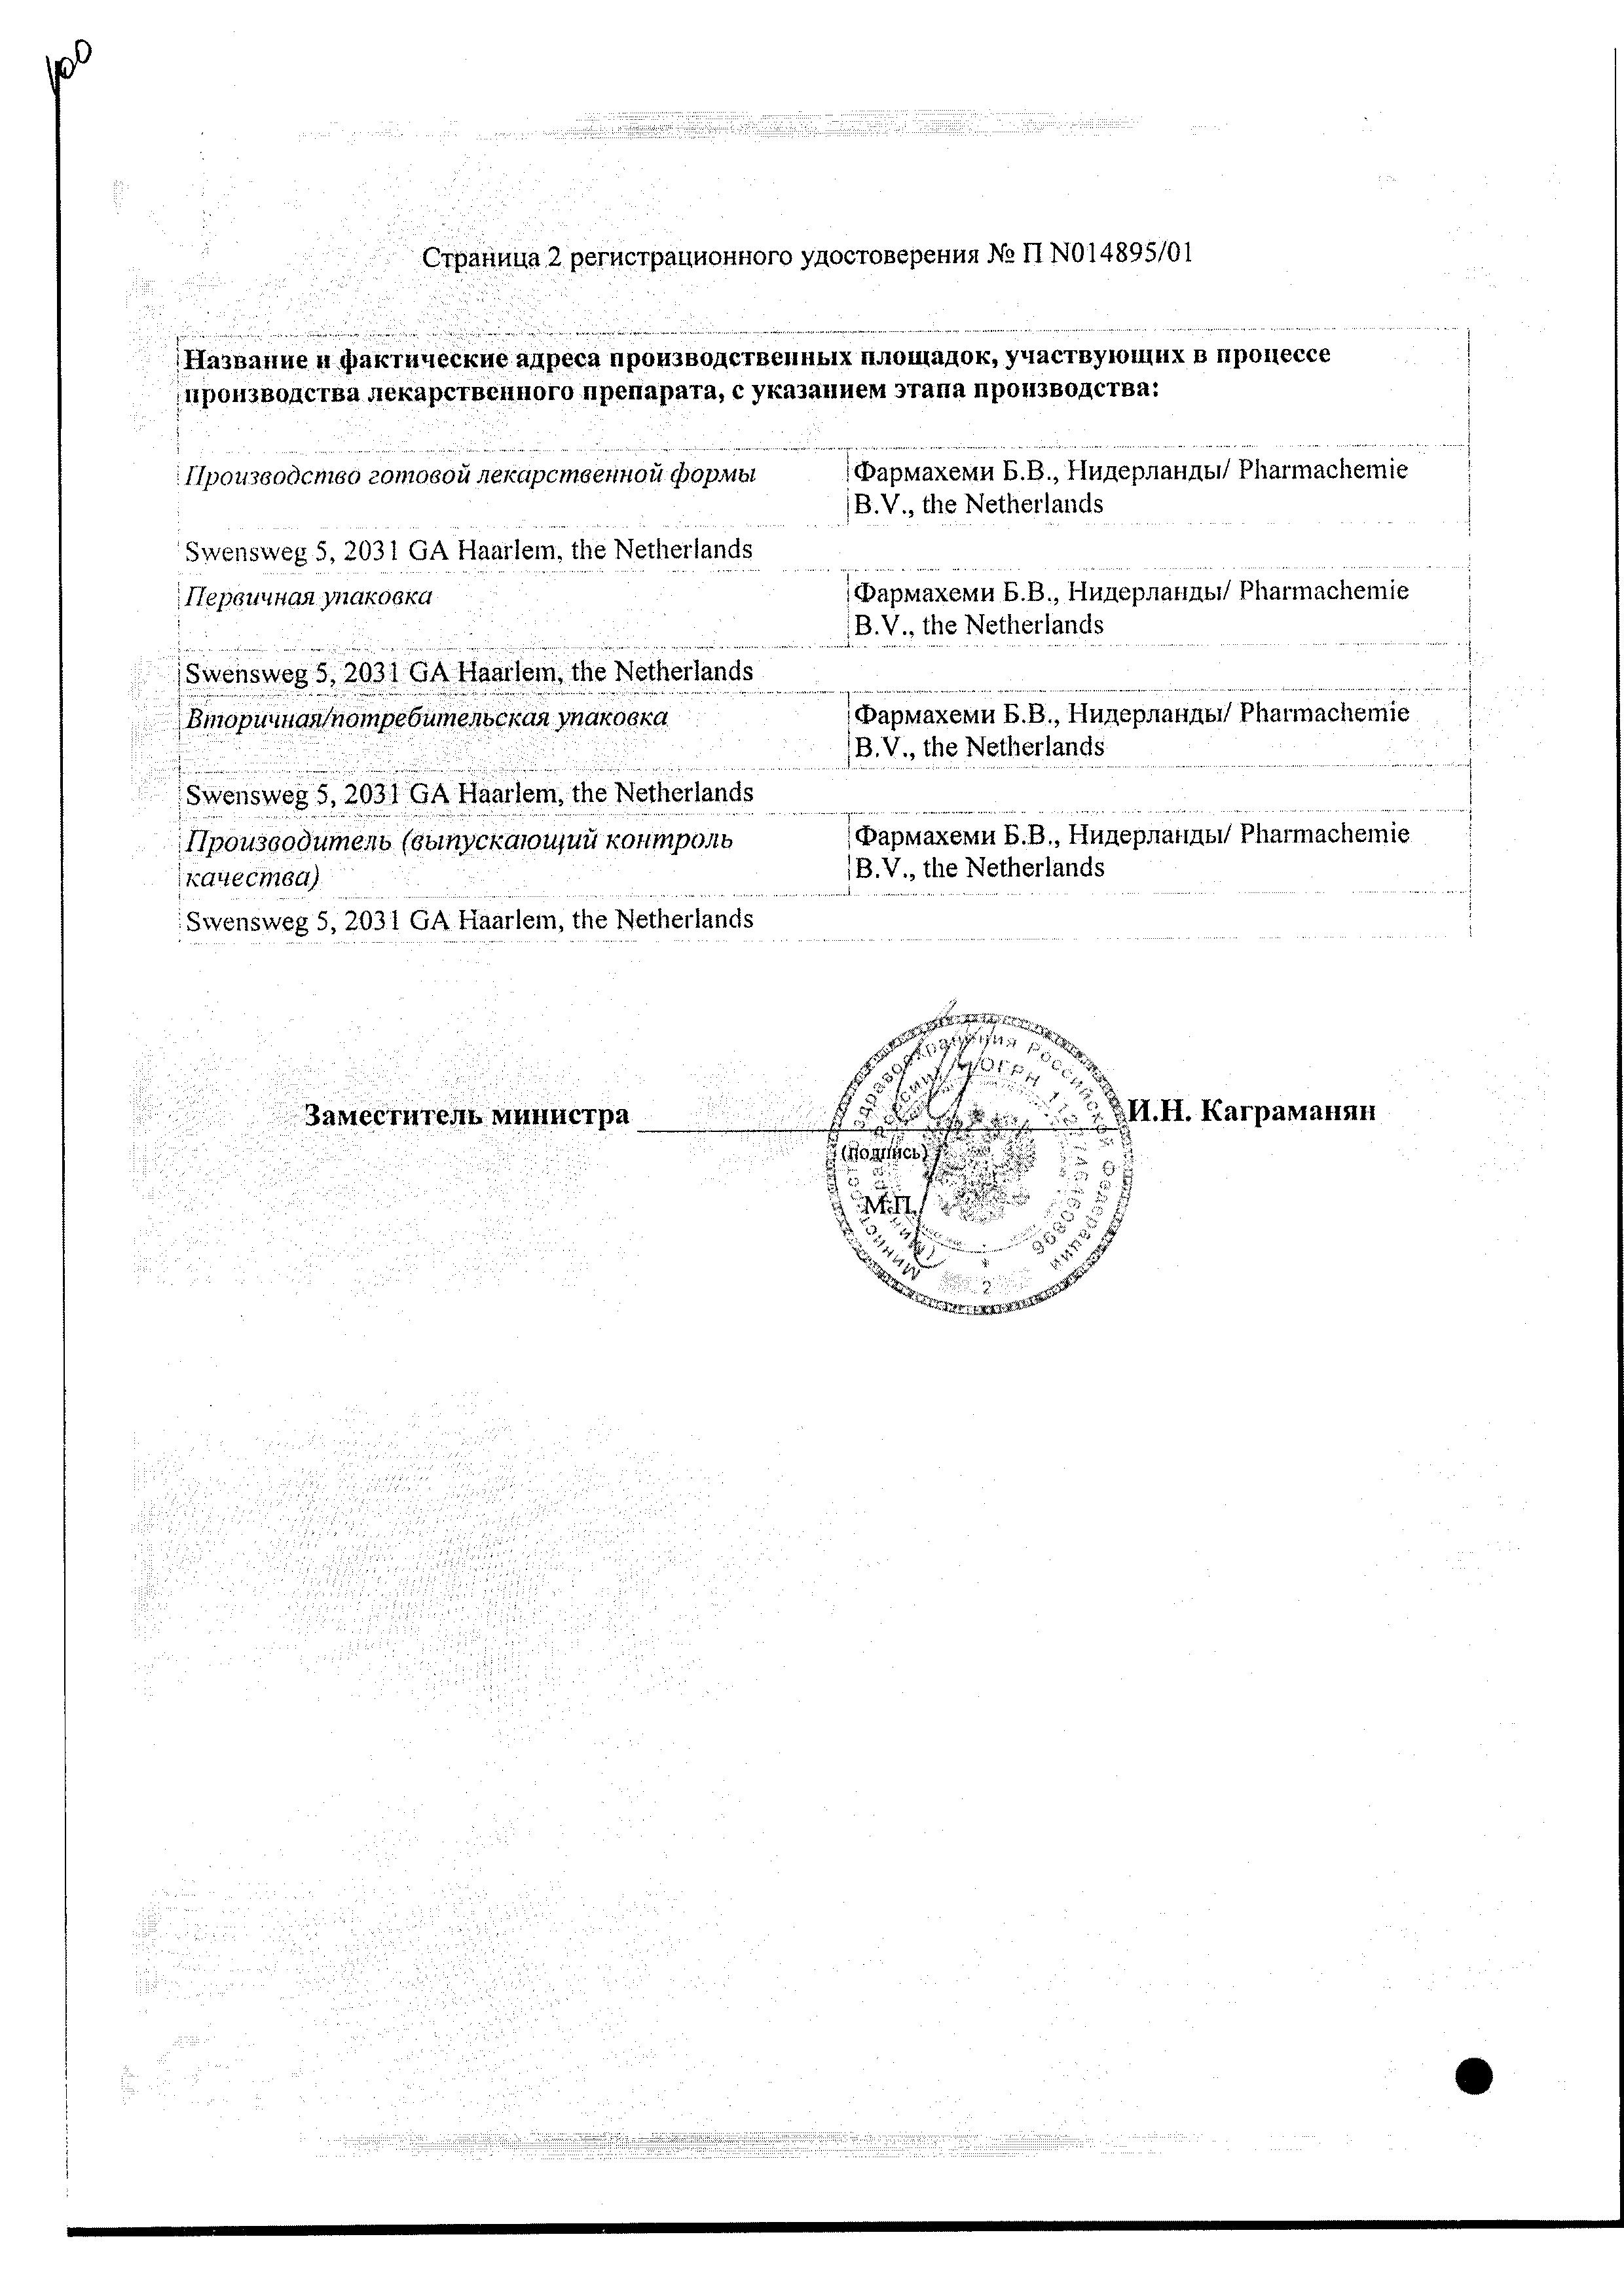 Метотрексат-Тева сертификат